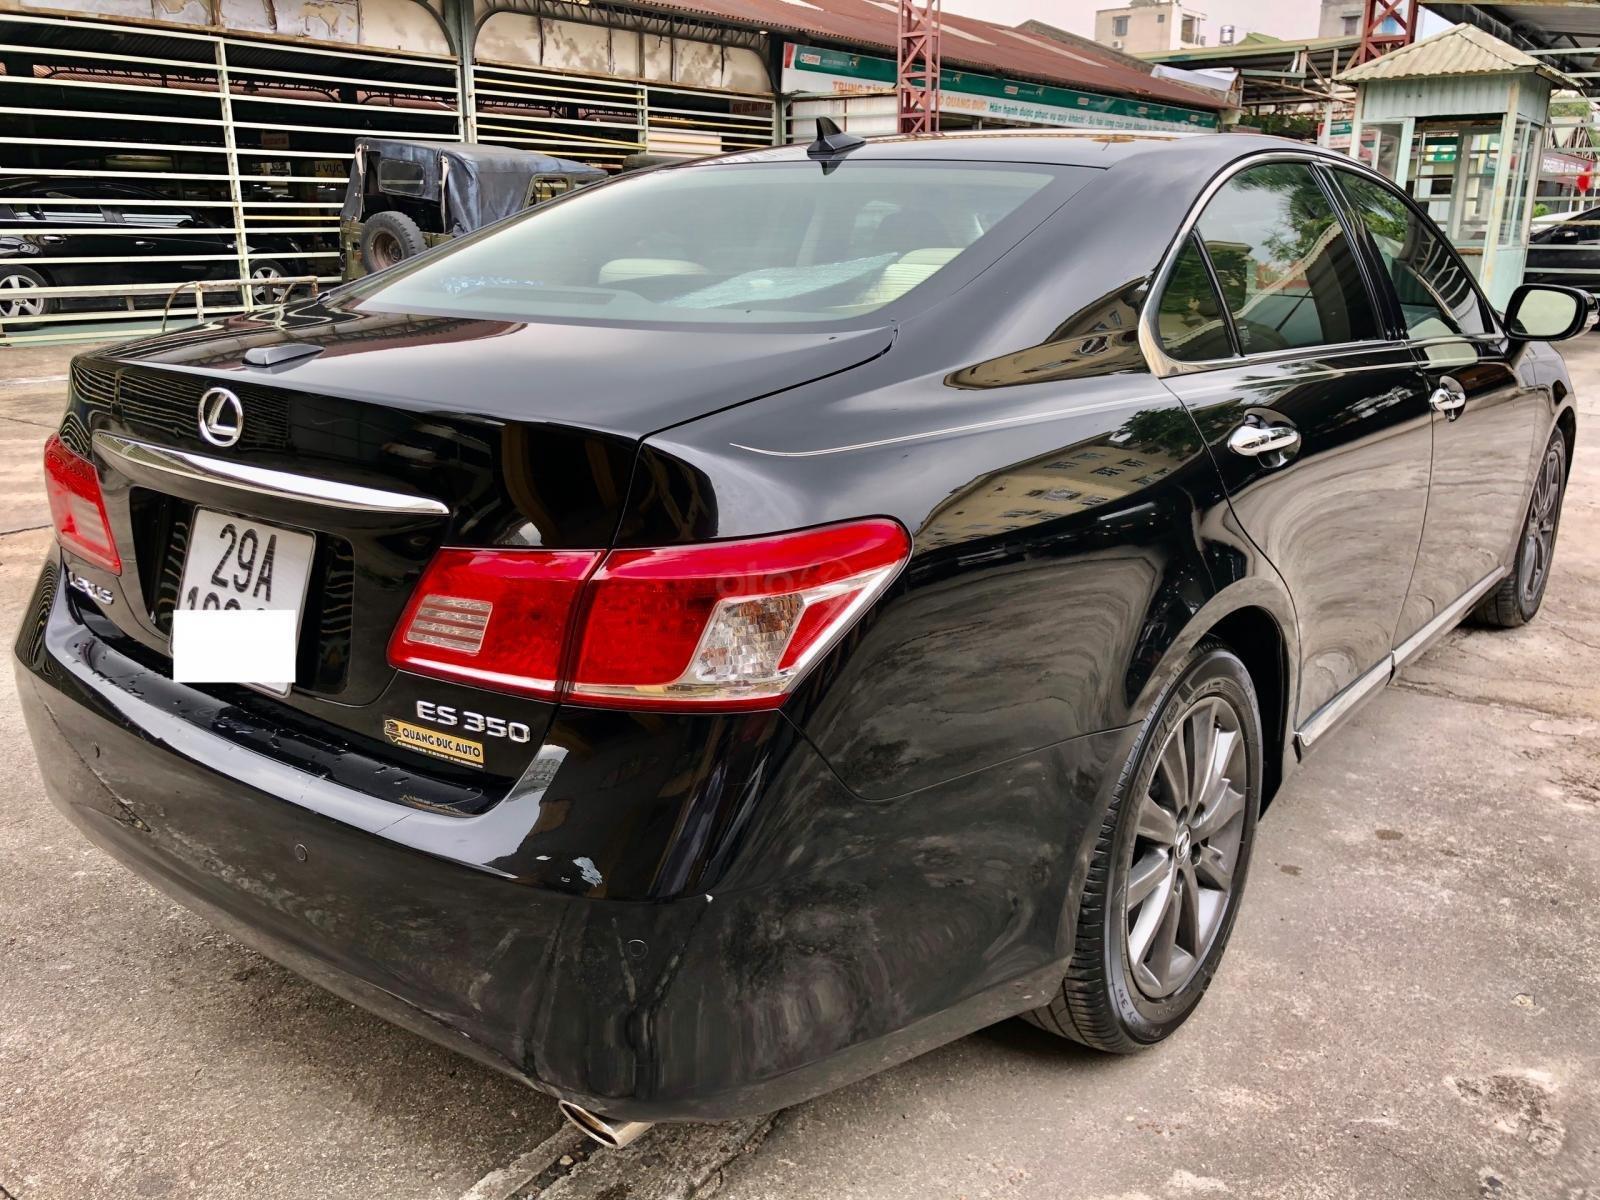 Cần bán nhanh xe Lexus ES 350 2010 chạy 41000km, còn mới tinh (5)